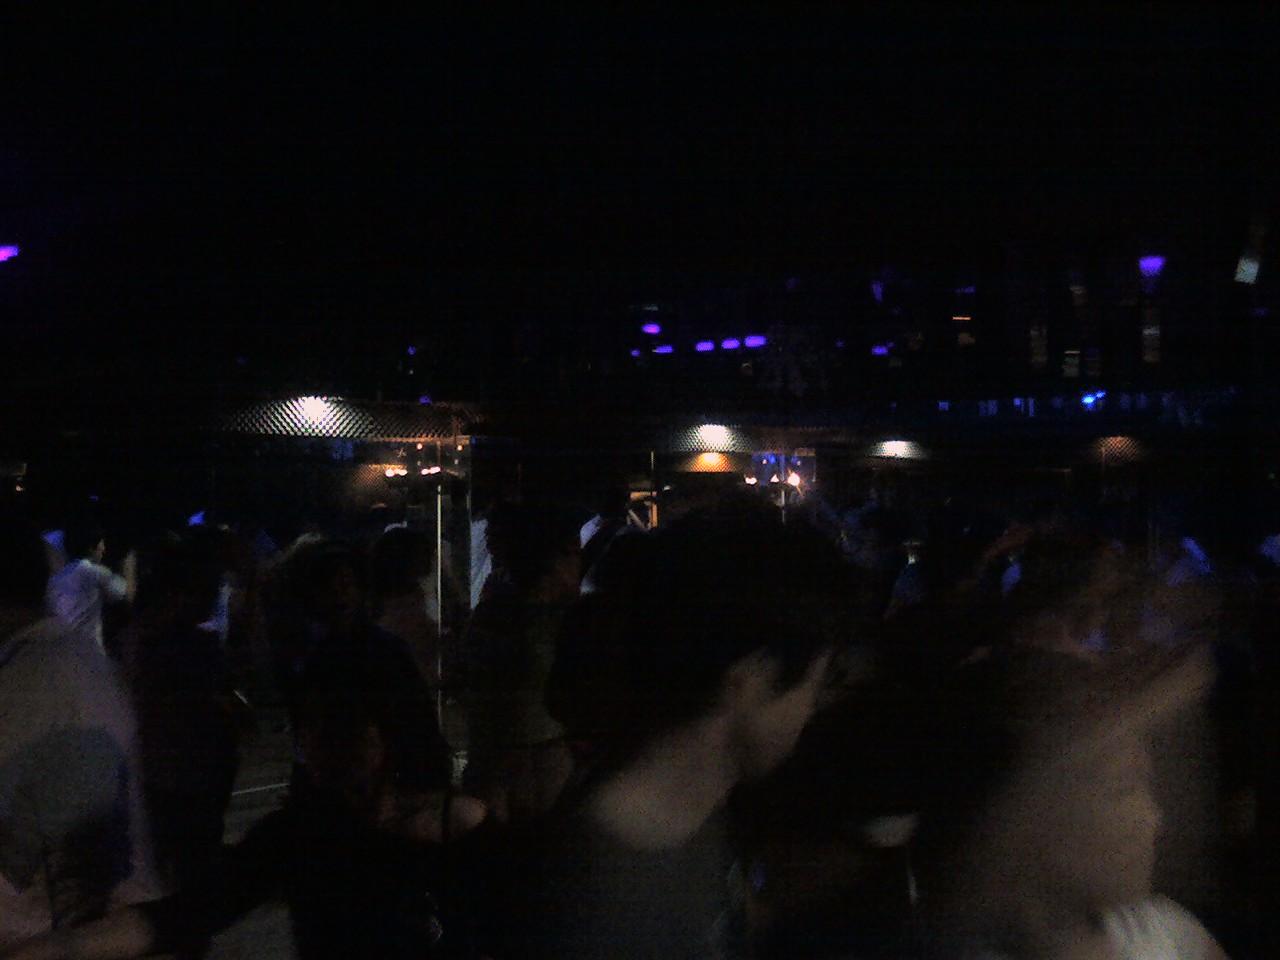 춤추는 사람들